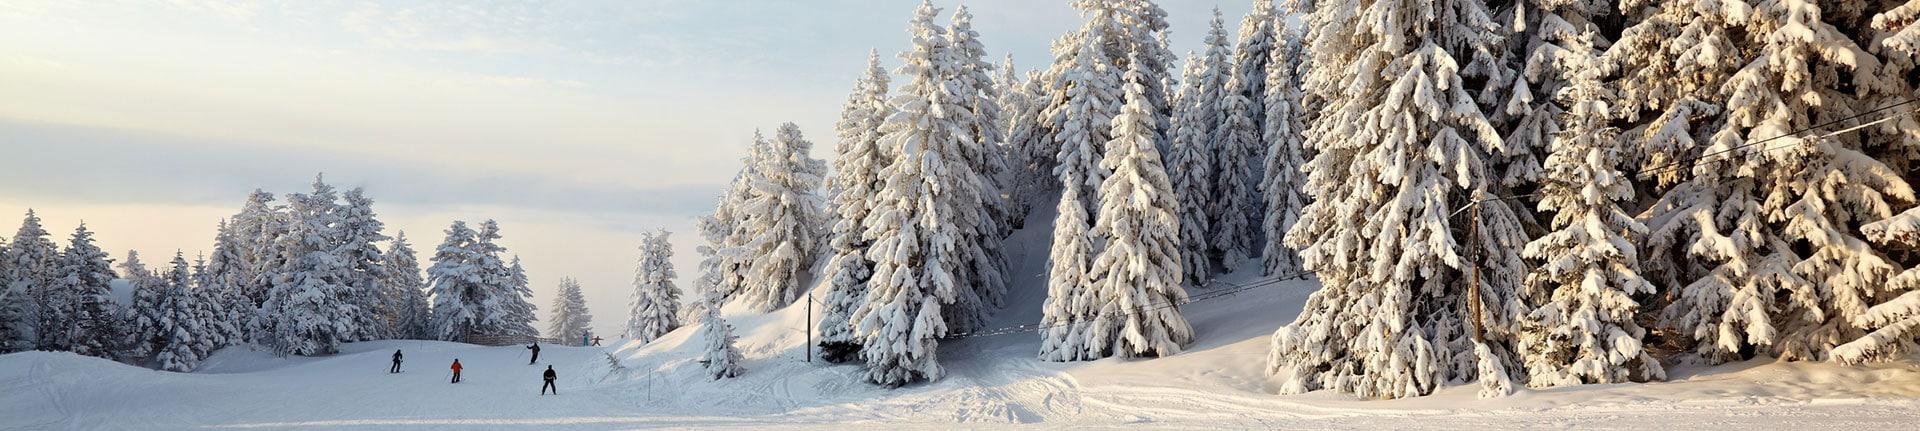 Wintersport in der Eifel